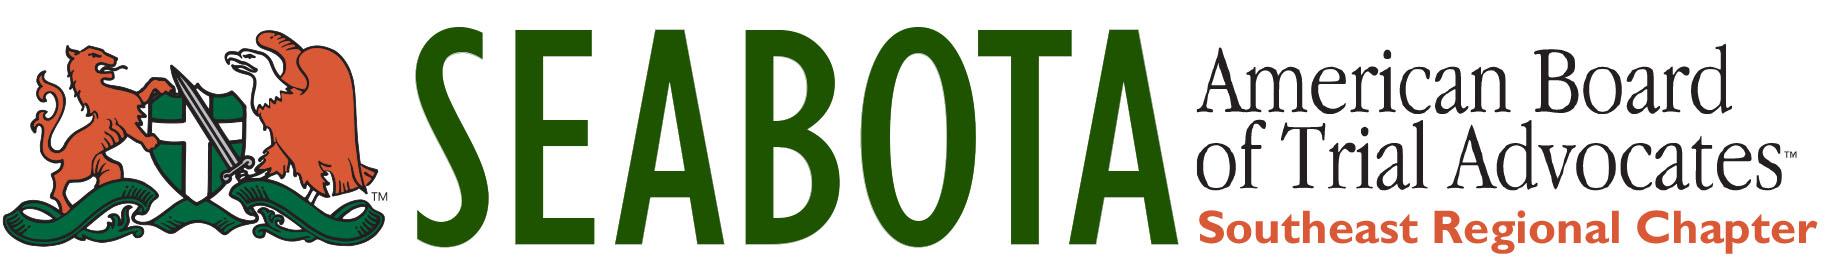 SEABOTA_Logos2.jpg